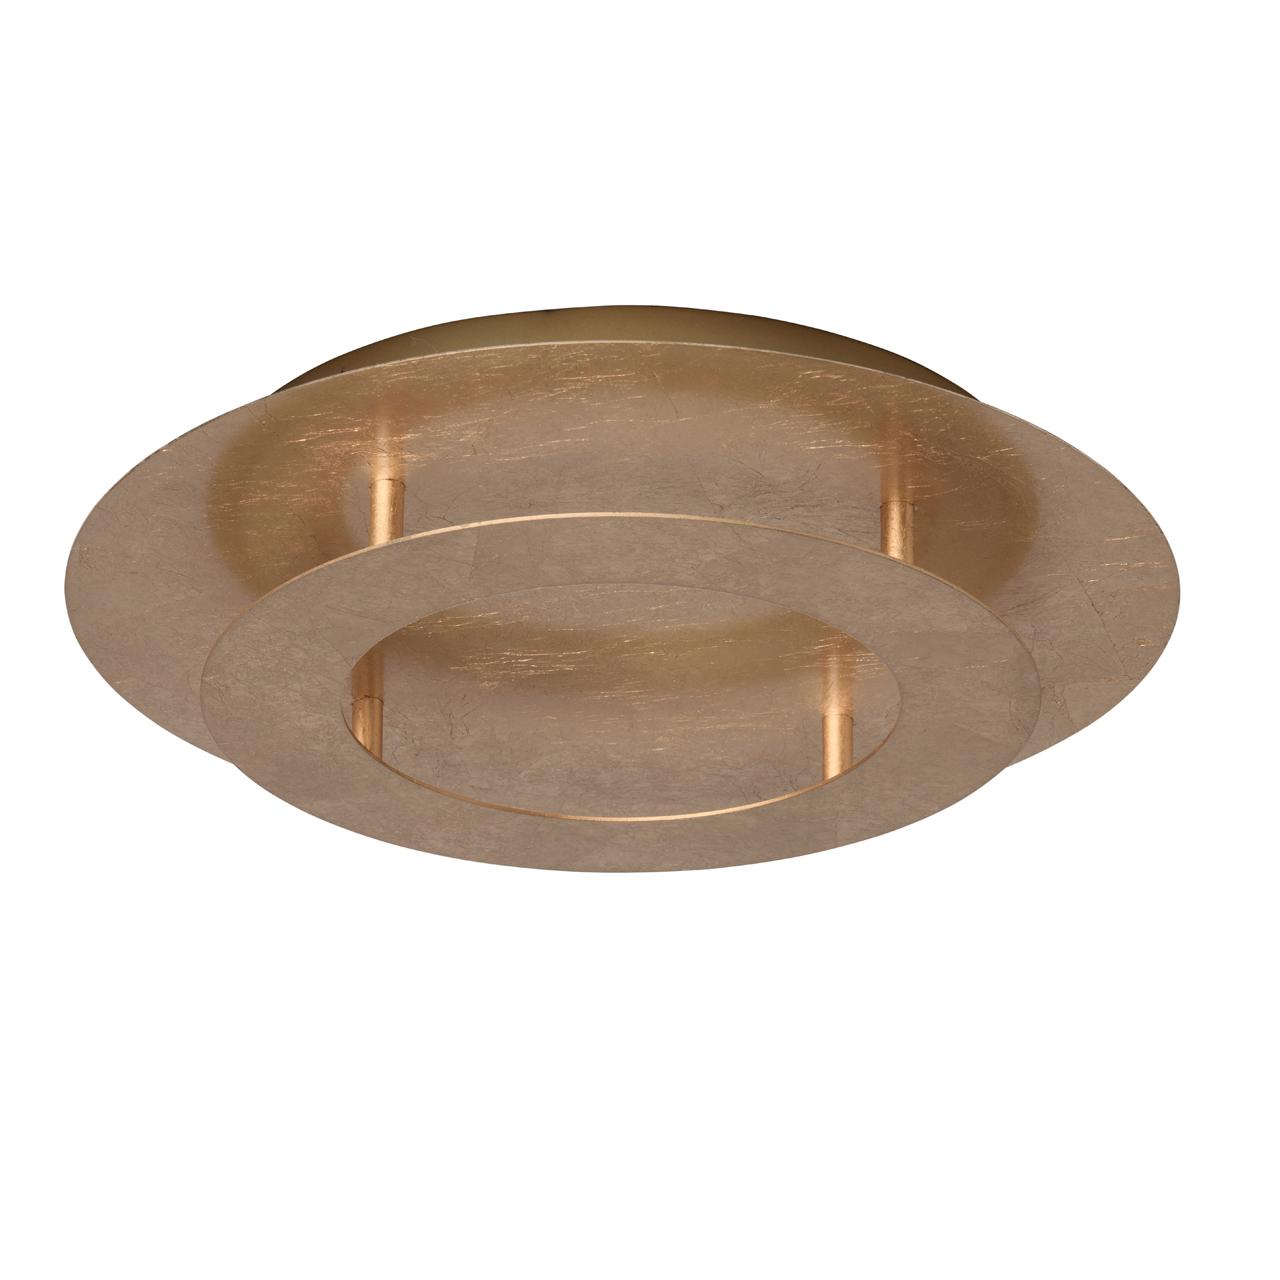 Потолочный светодиодный светильник De Markt Галатея 452011701, LED 18W, 3000K (теплый), матовое золото, металл - фото 1